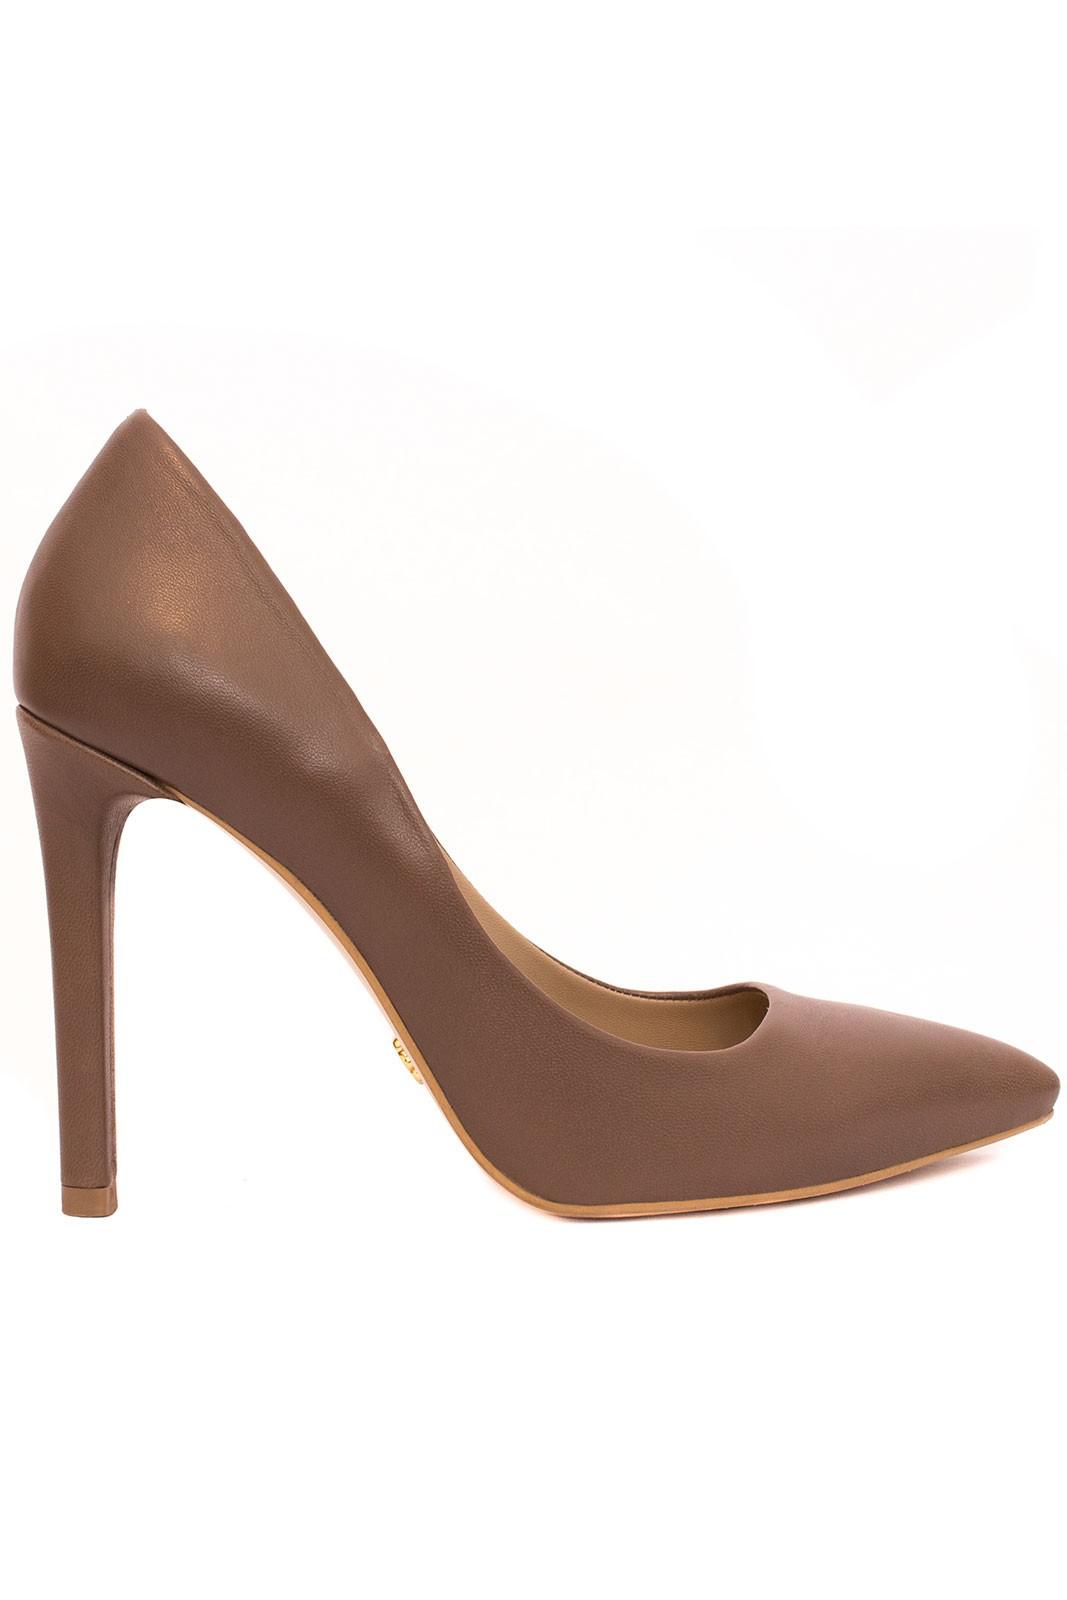 b5e2b16d0 Pantofi cu toc piele maro Classic